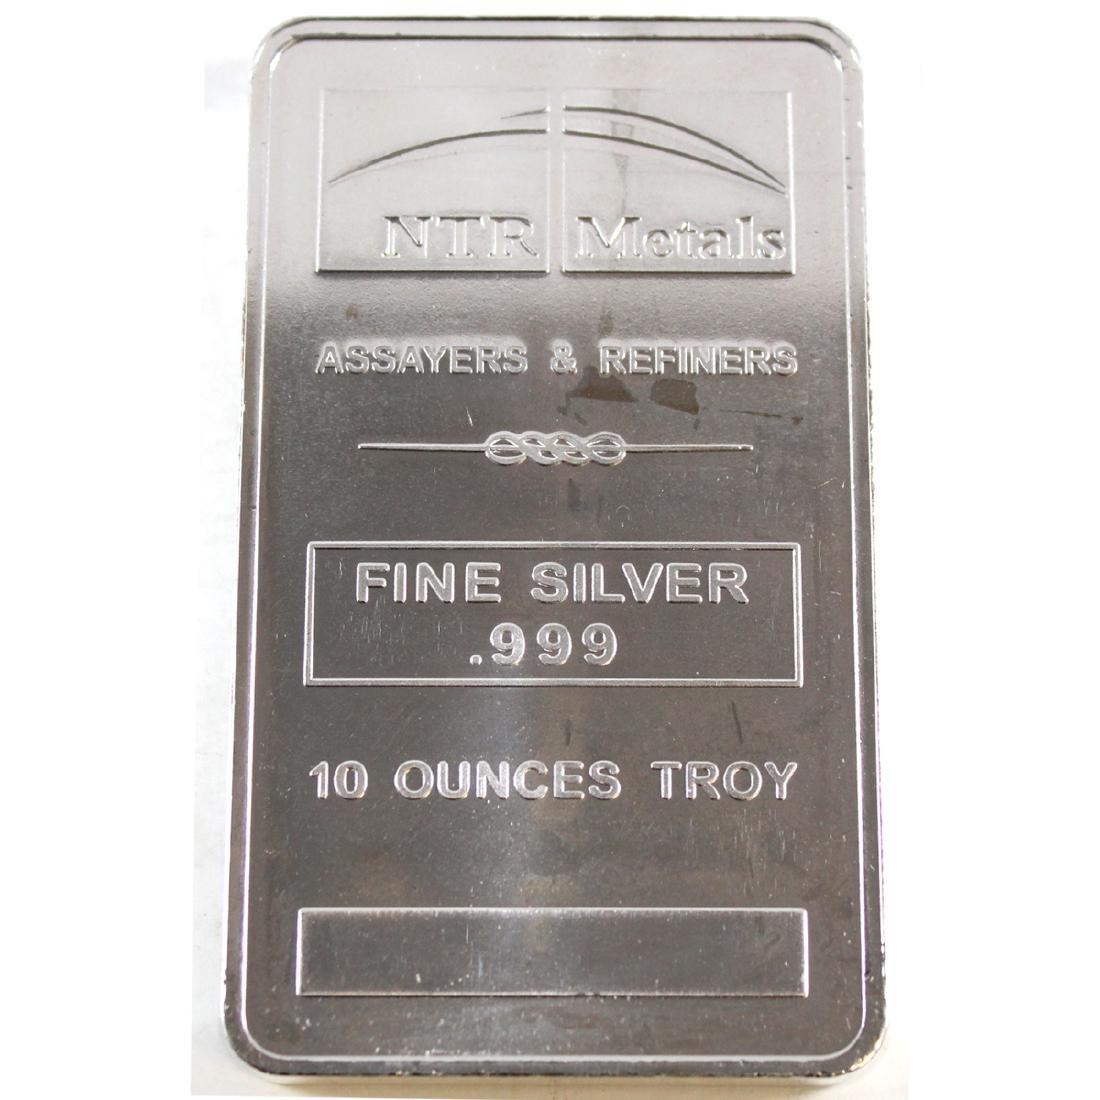 NTR Metals 10oz .999 Fine Silver Bar (TAX Exempt)